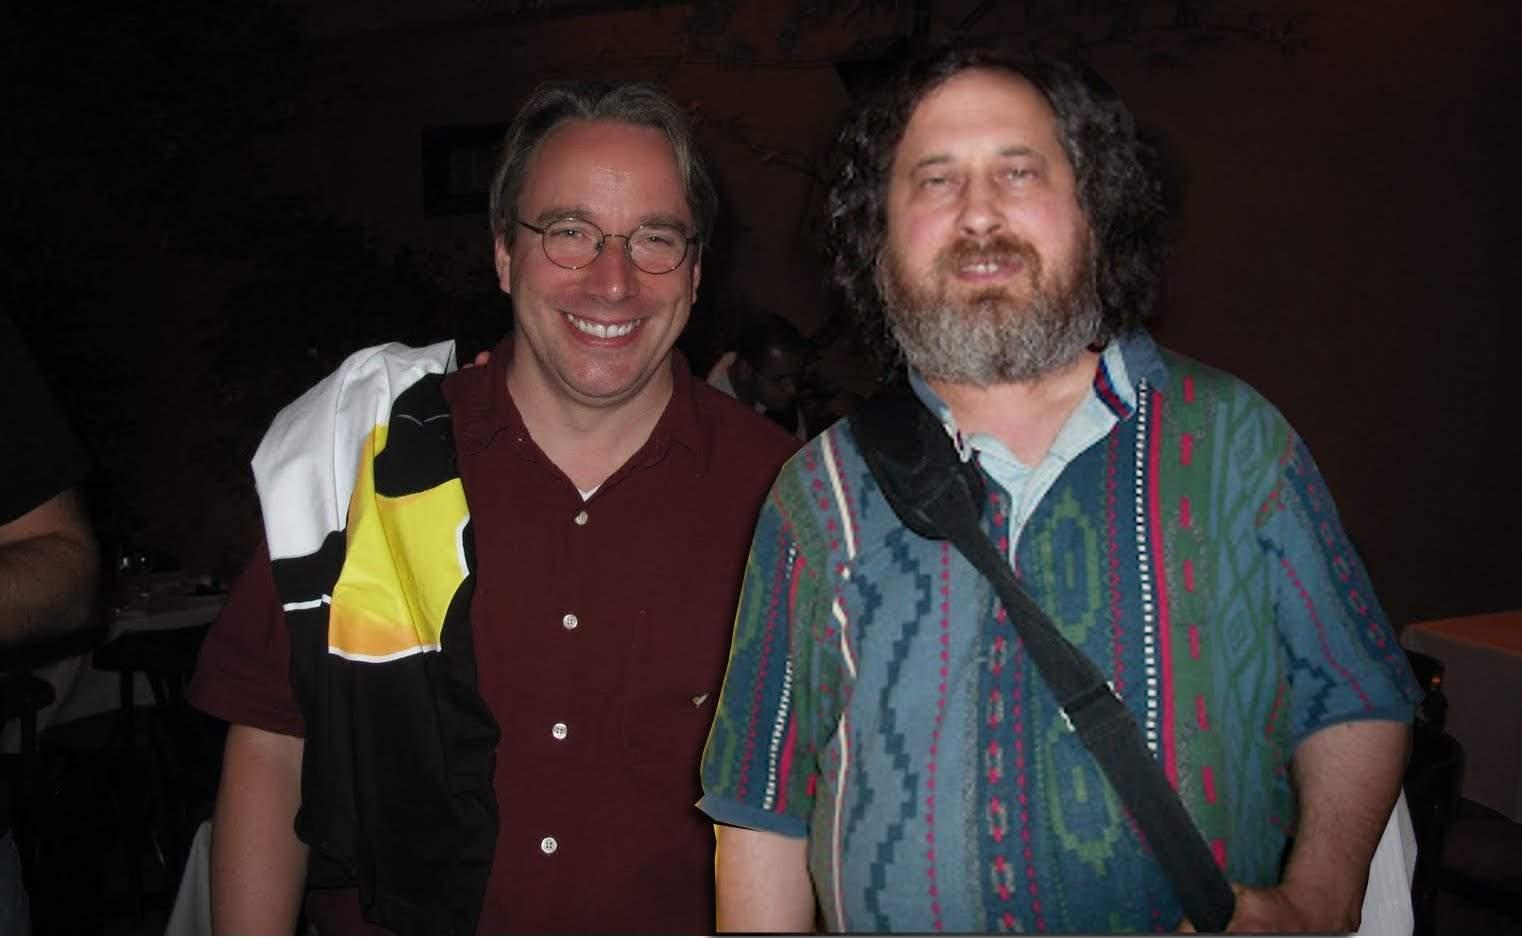 Desde entonces, el kernel y el sistema GNU han ido de la mano, y de su unión han nacido para crear el sistema operativo GNU/Linux, del cual hay miles de distribuciones.